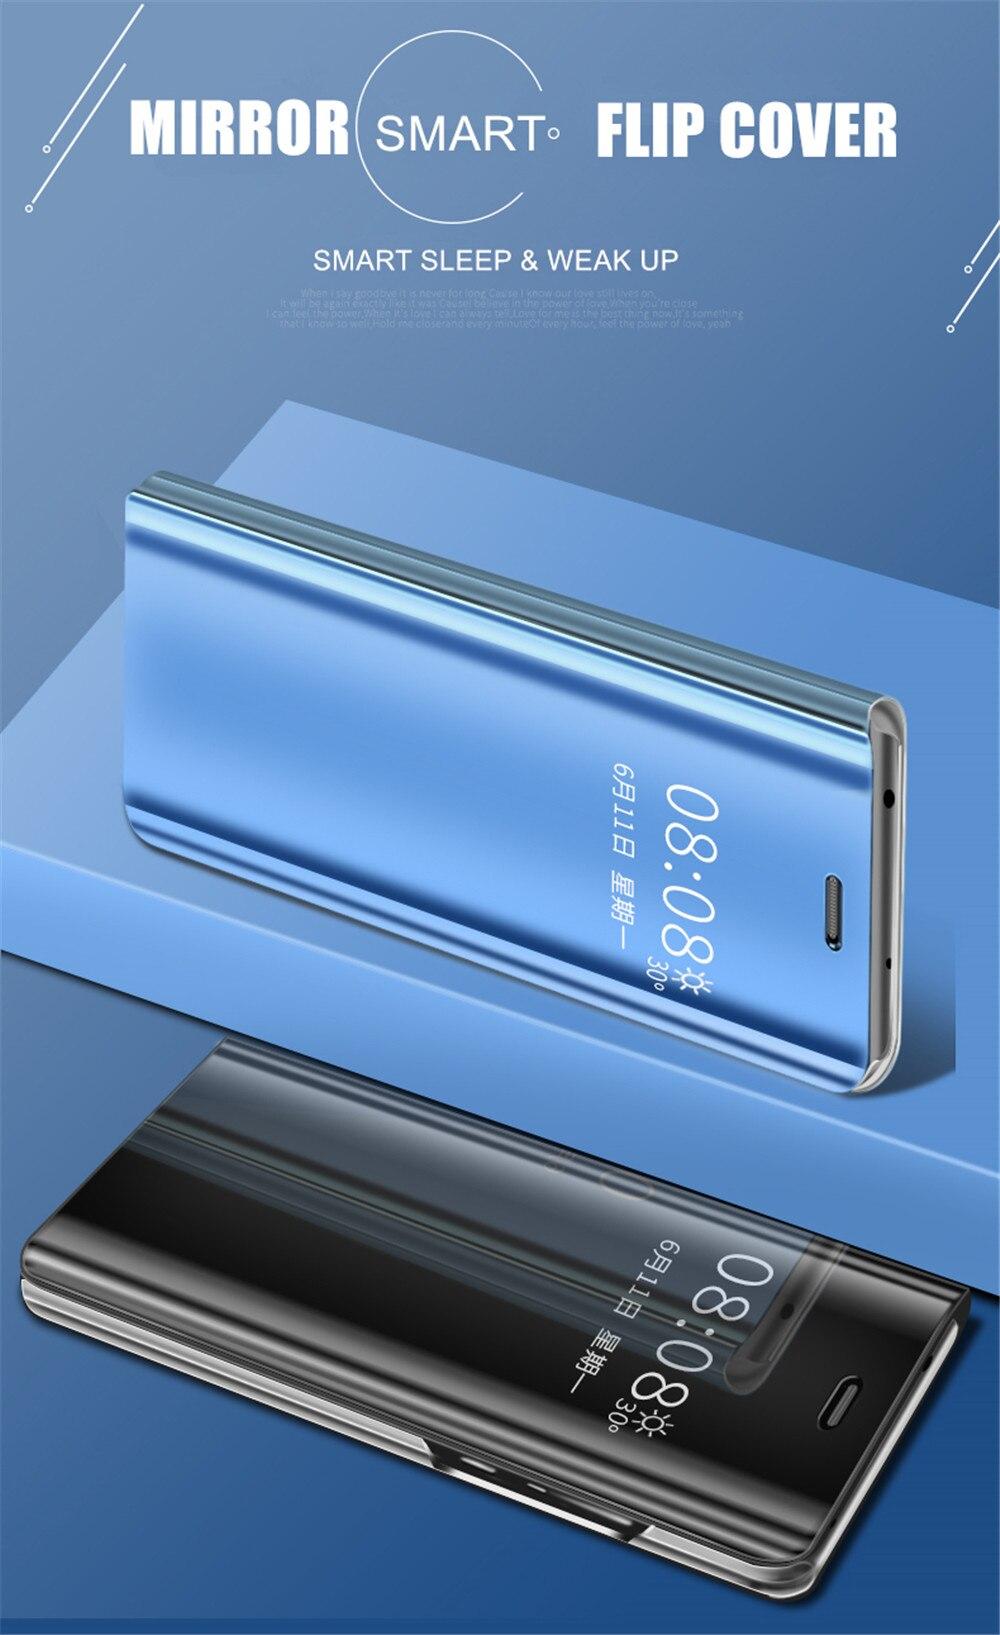 Nett Heißer Verkauf Mini Tasche Laptop Stil Klar Glas Frauen Kosmetische Schönheit Spiegel Mode Notebook Form Make-up Spiegel Spiegel Schminkspiegel